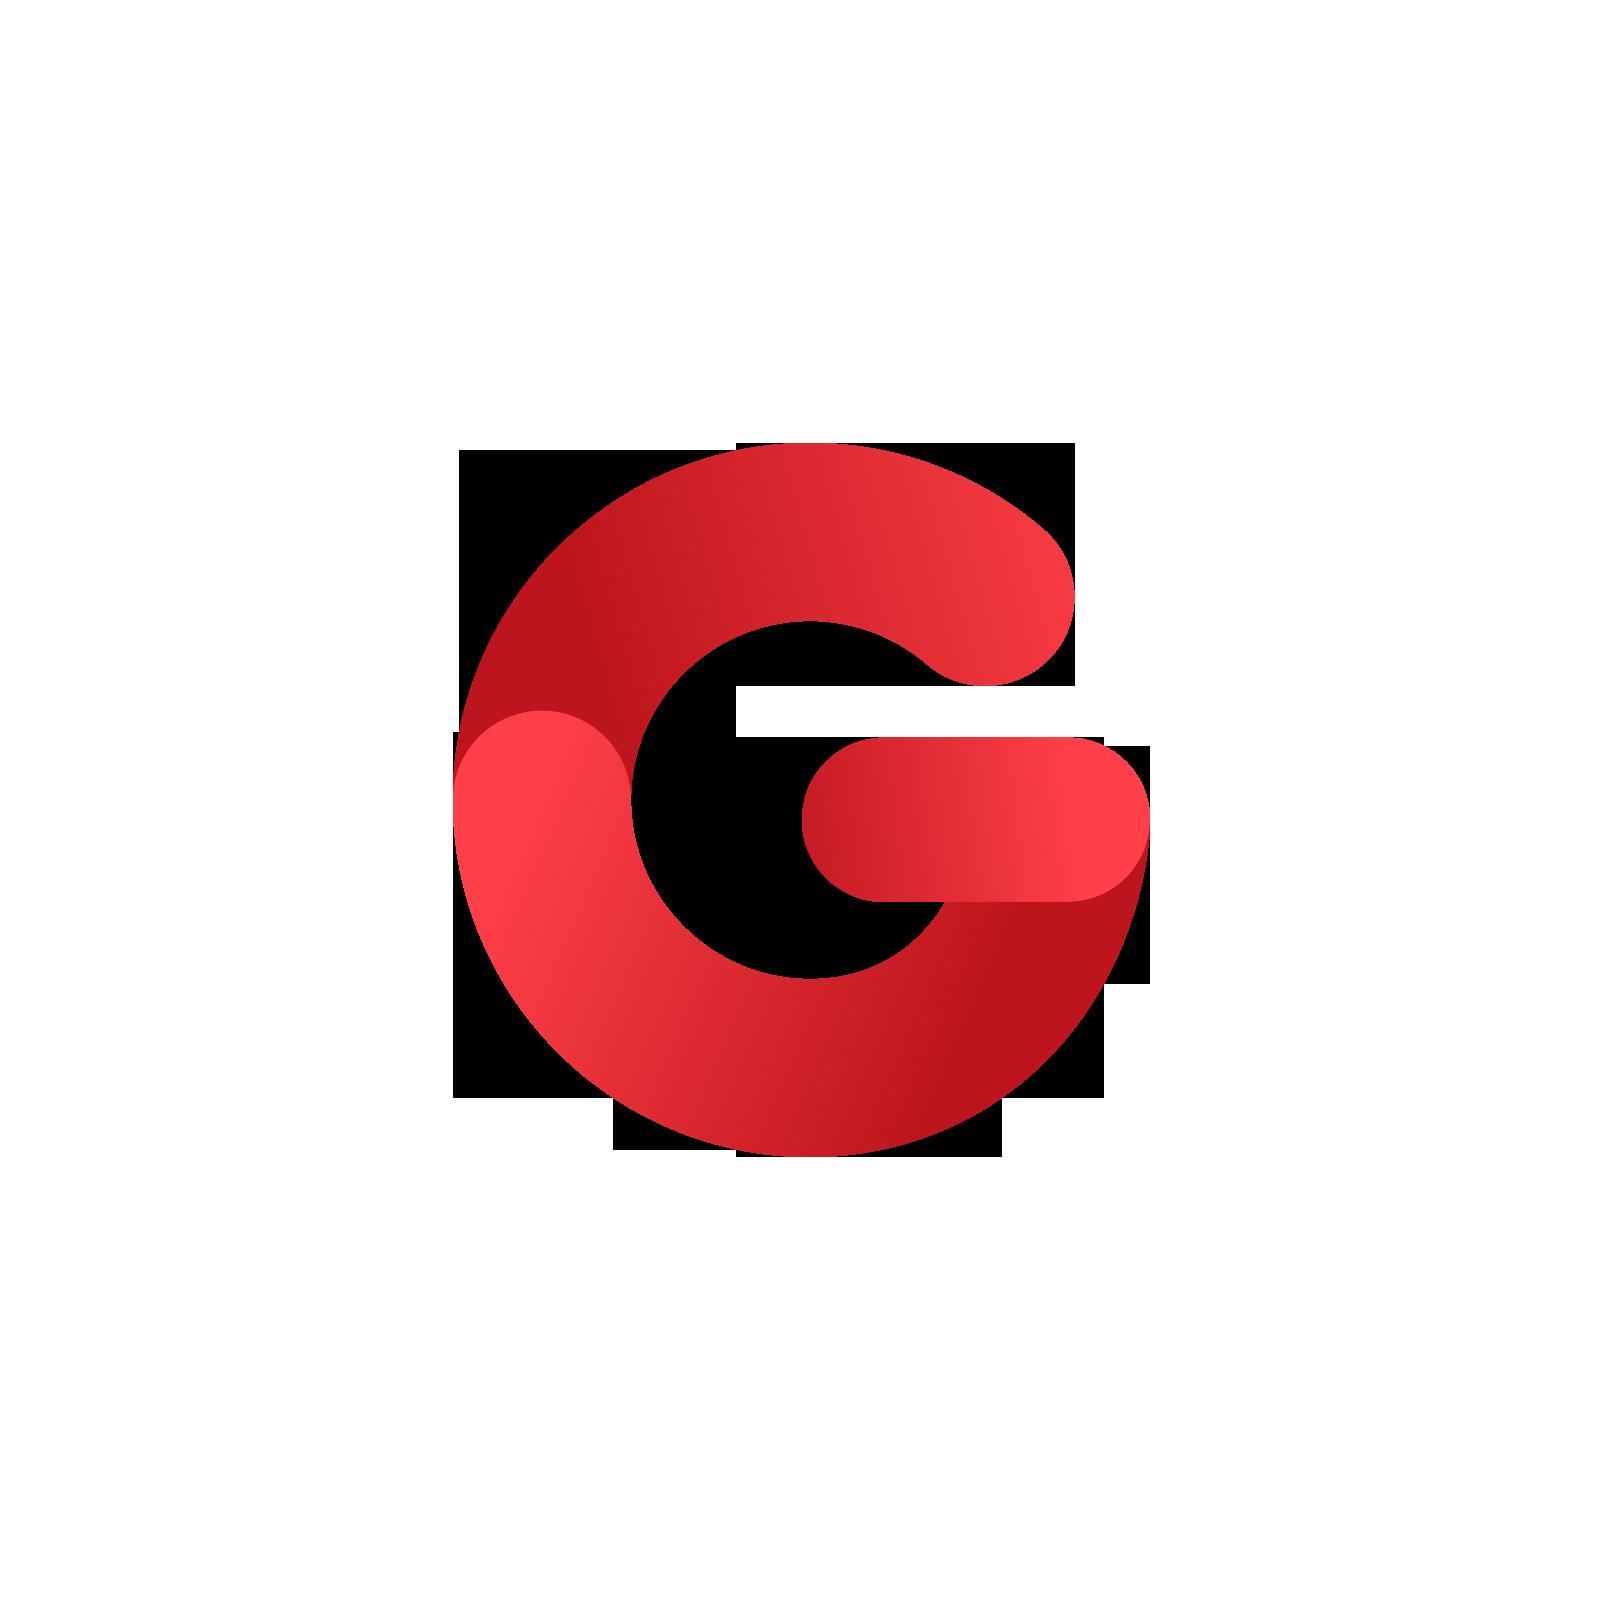 letter g png images free download pngimg com